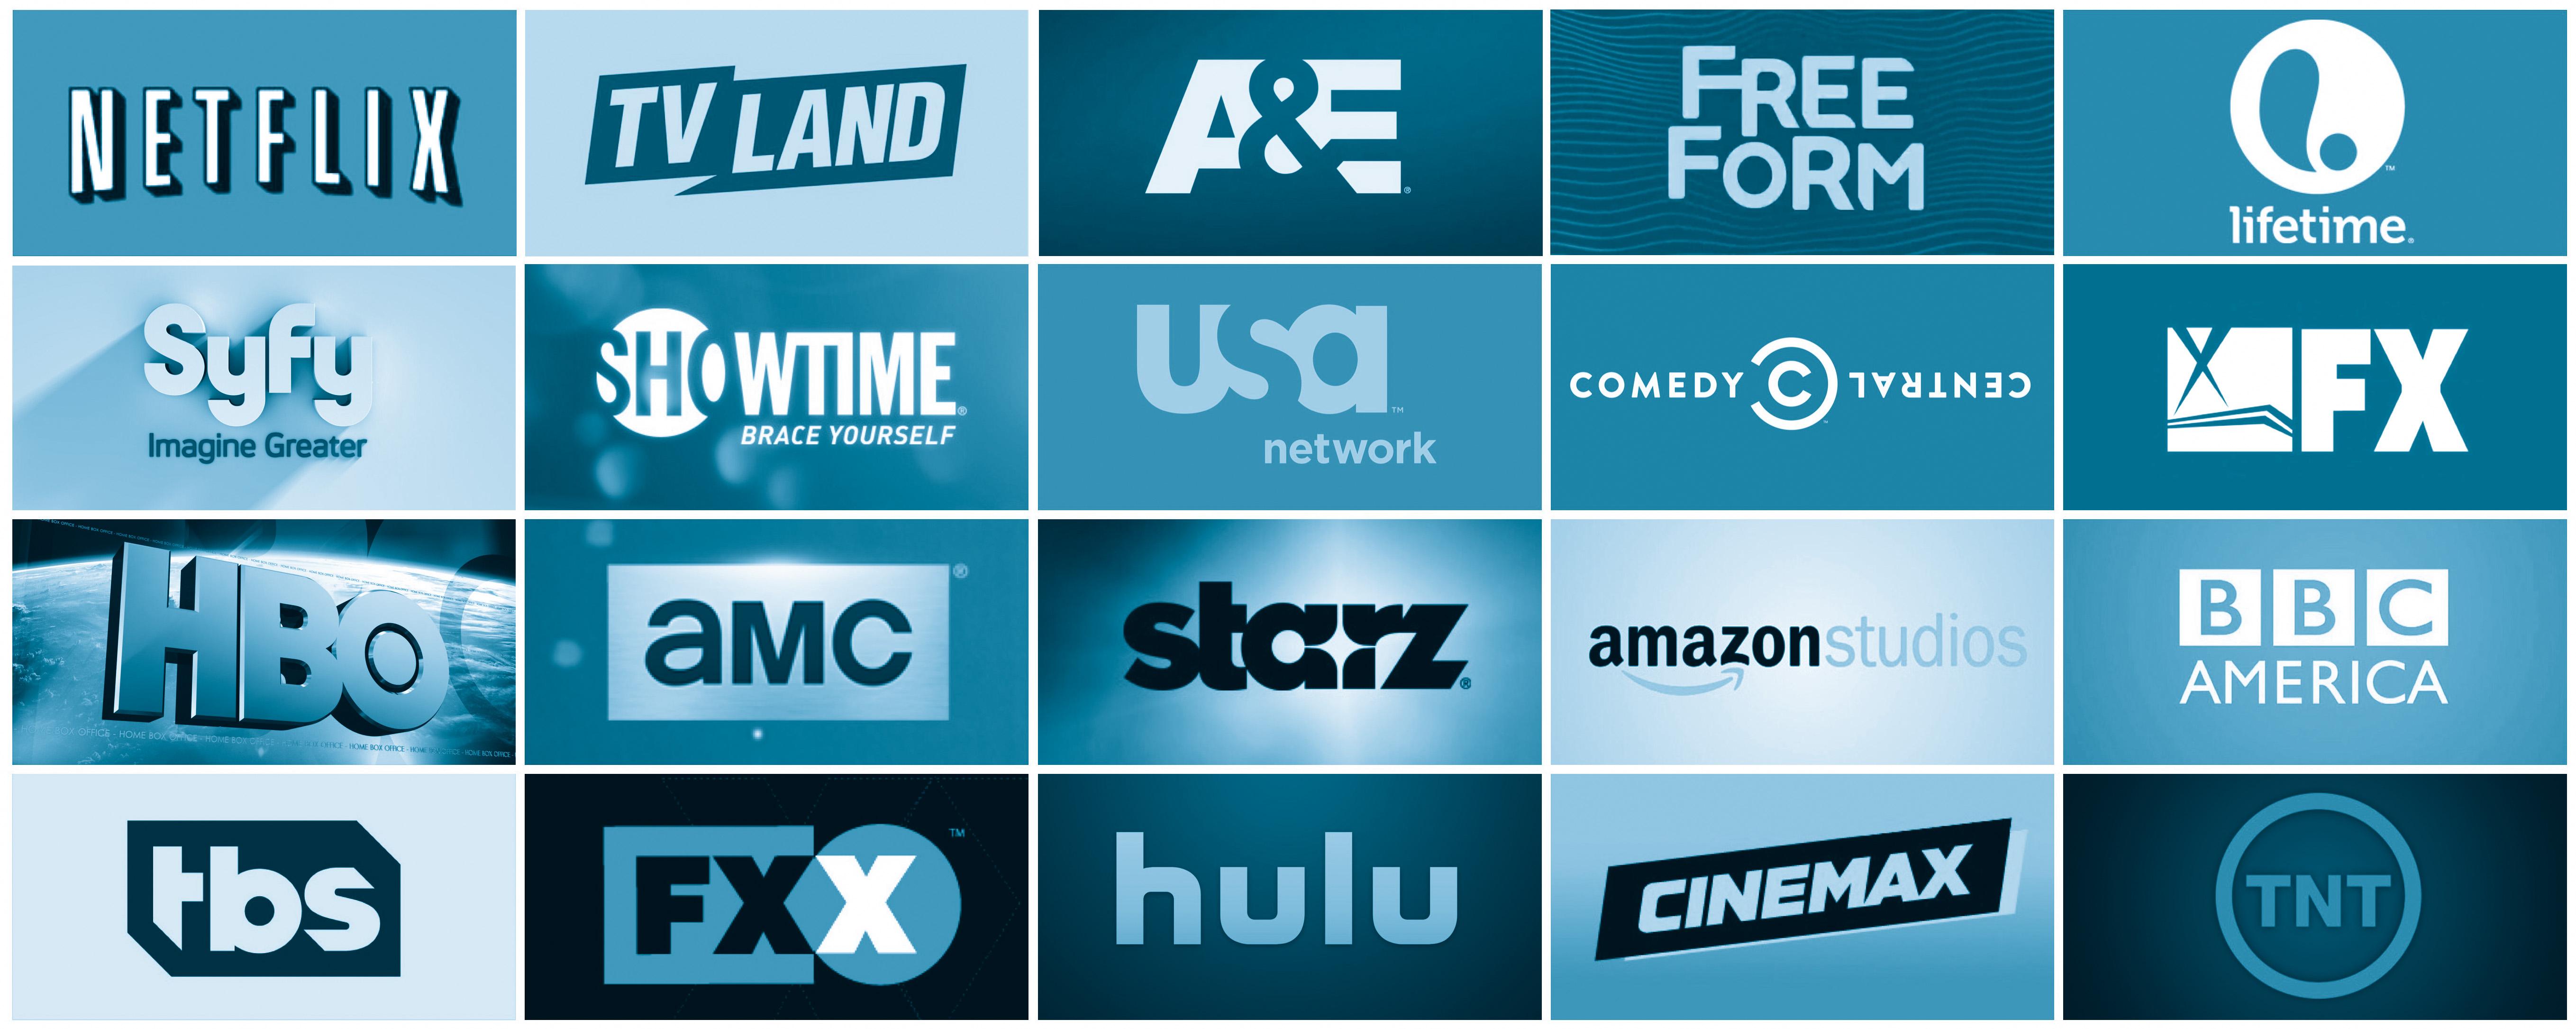 Tv Show Stream